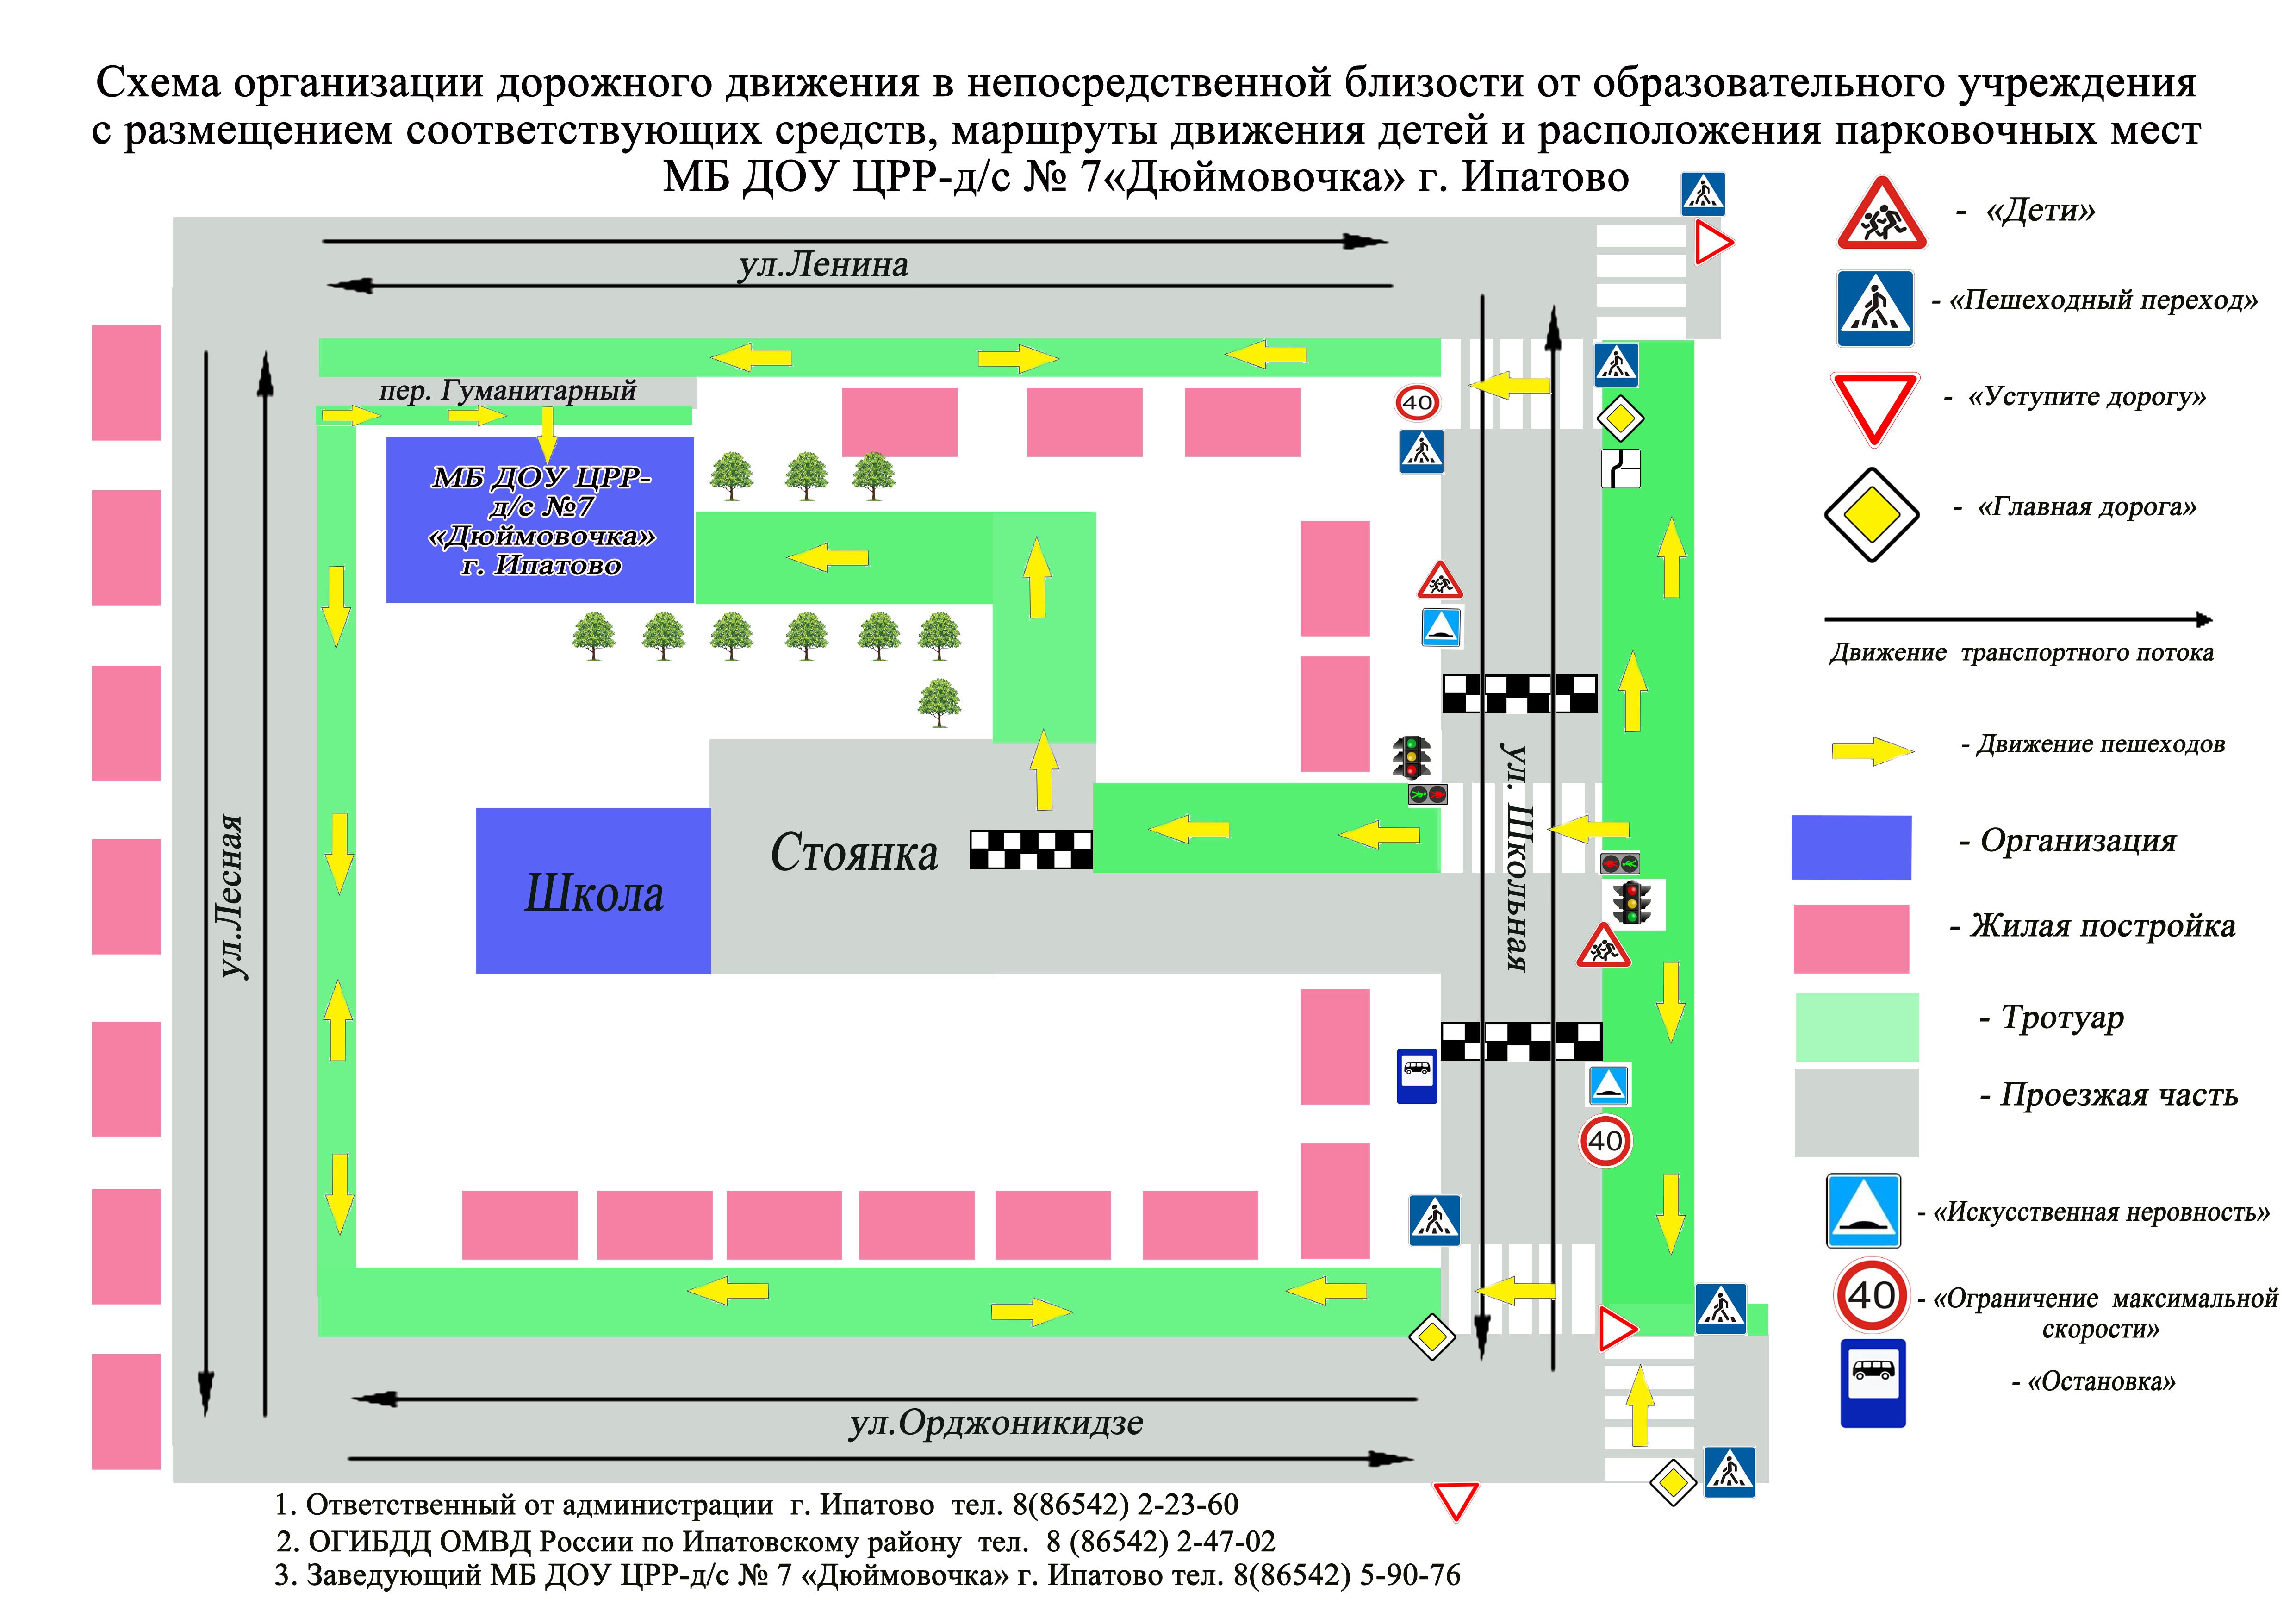 Маршрут Дюймовочка copy